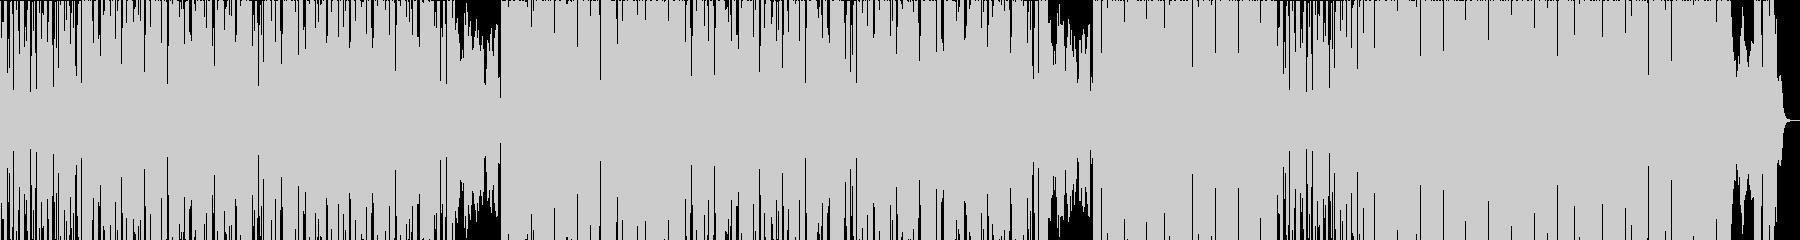 アラビア風ヒップホップトラックの未再生の波形